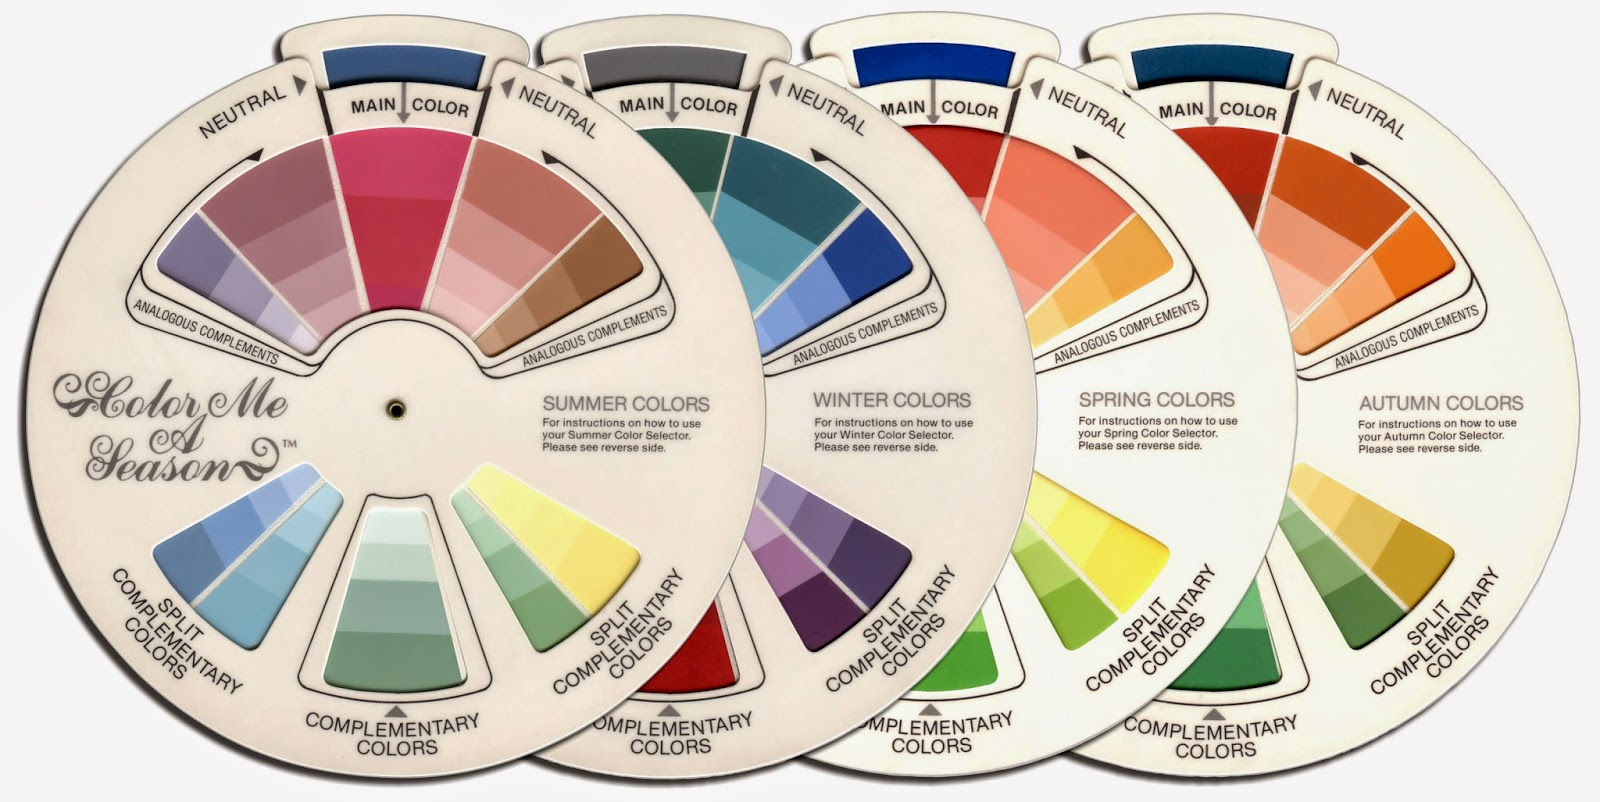 Seasonal Color Analysis